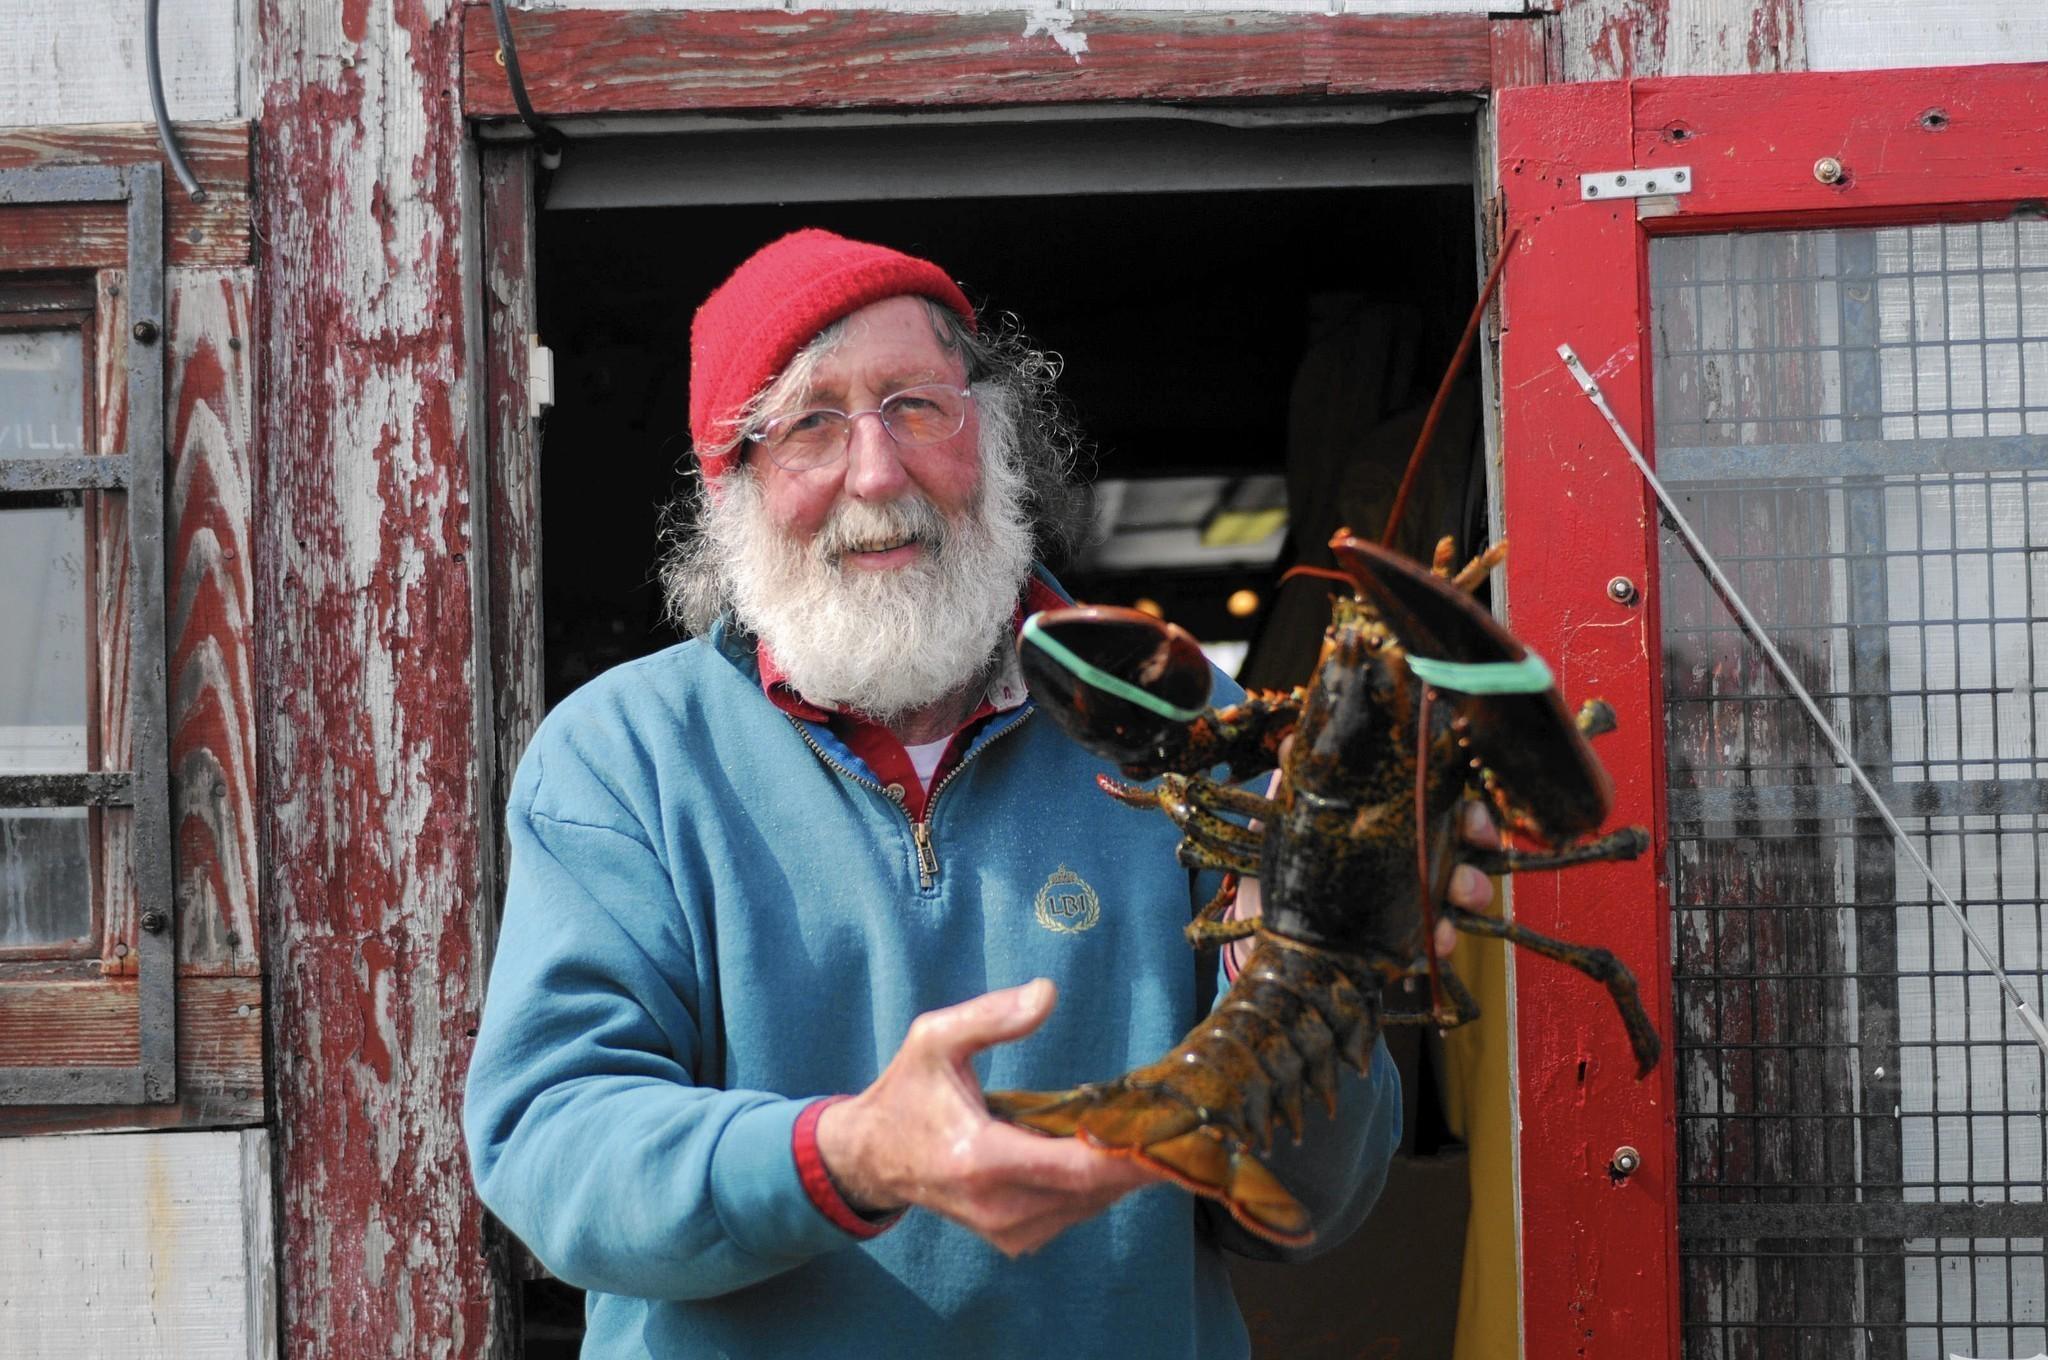 hc-lobster-landing-clinton-20150527.jpg